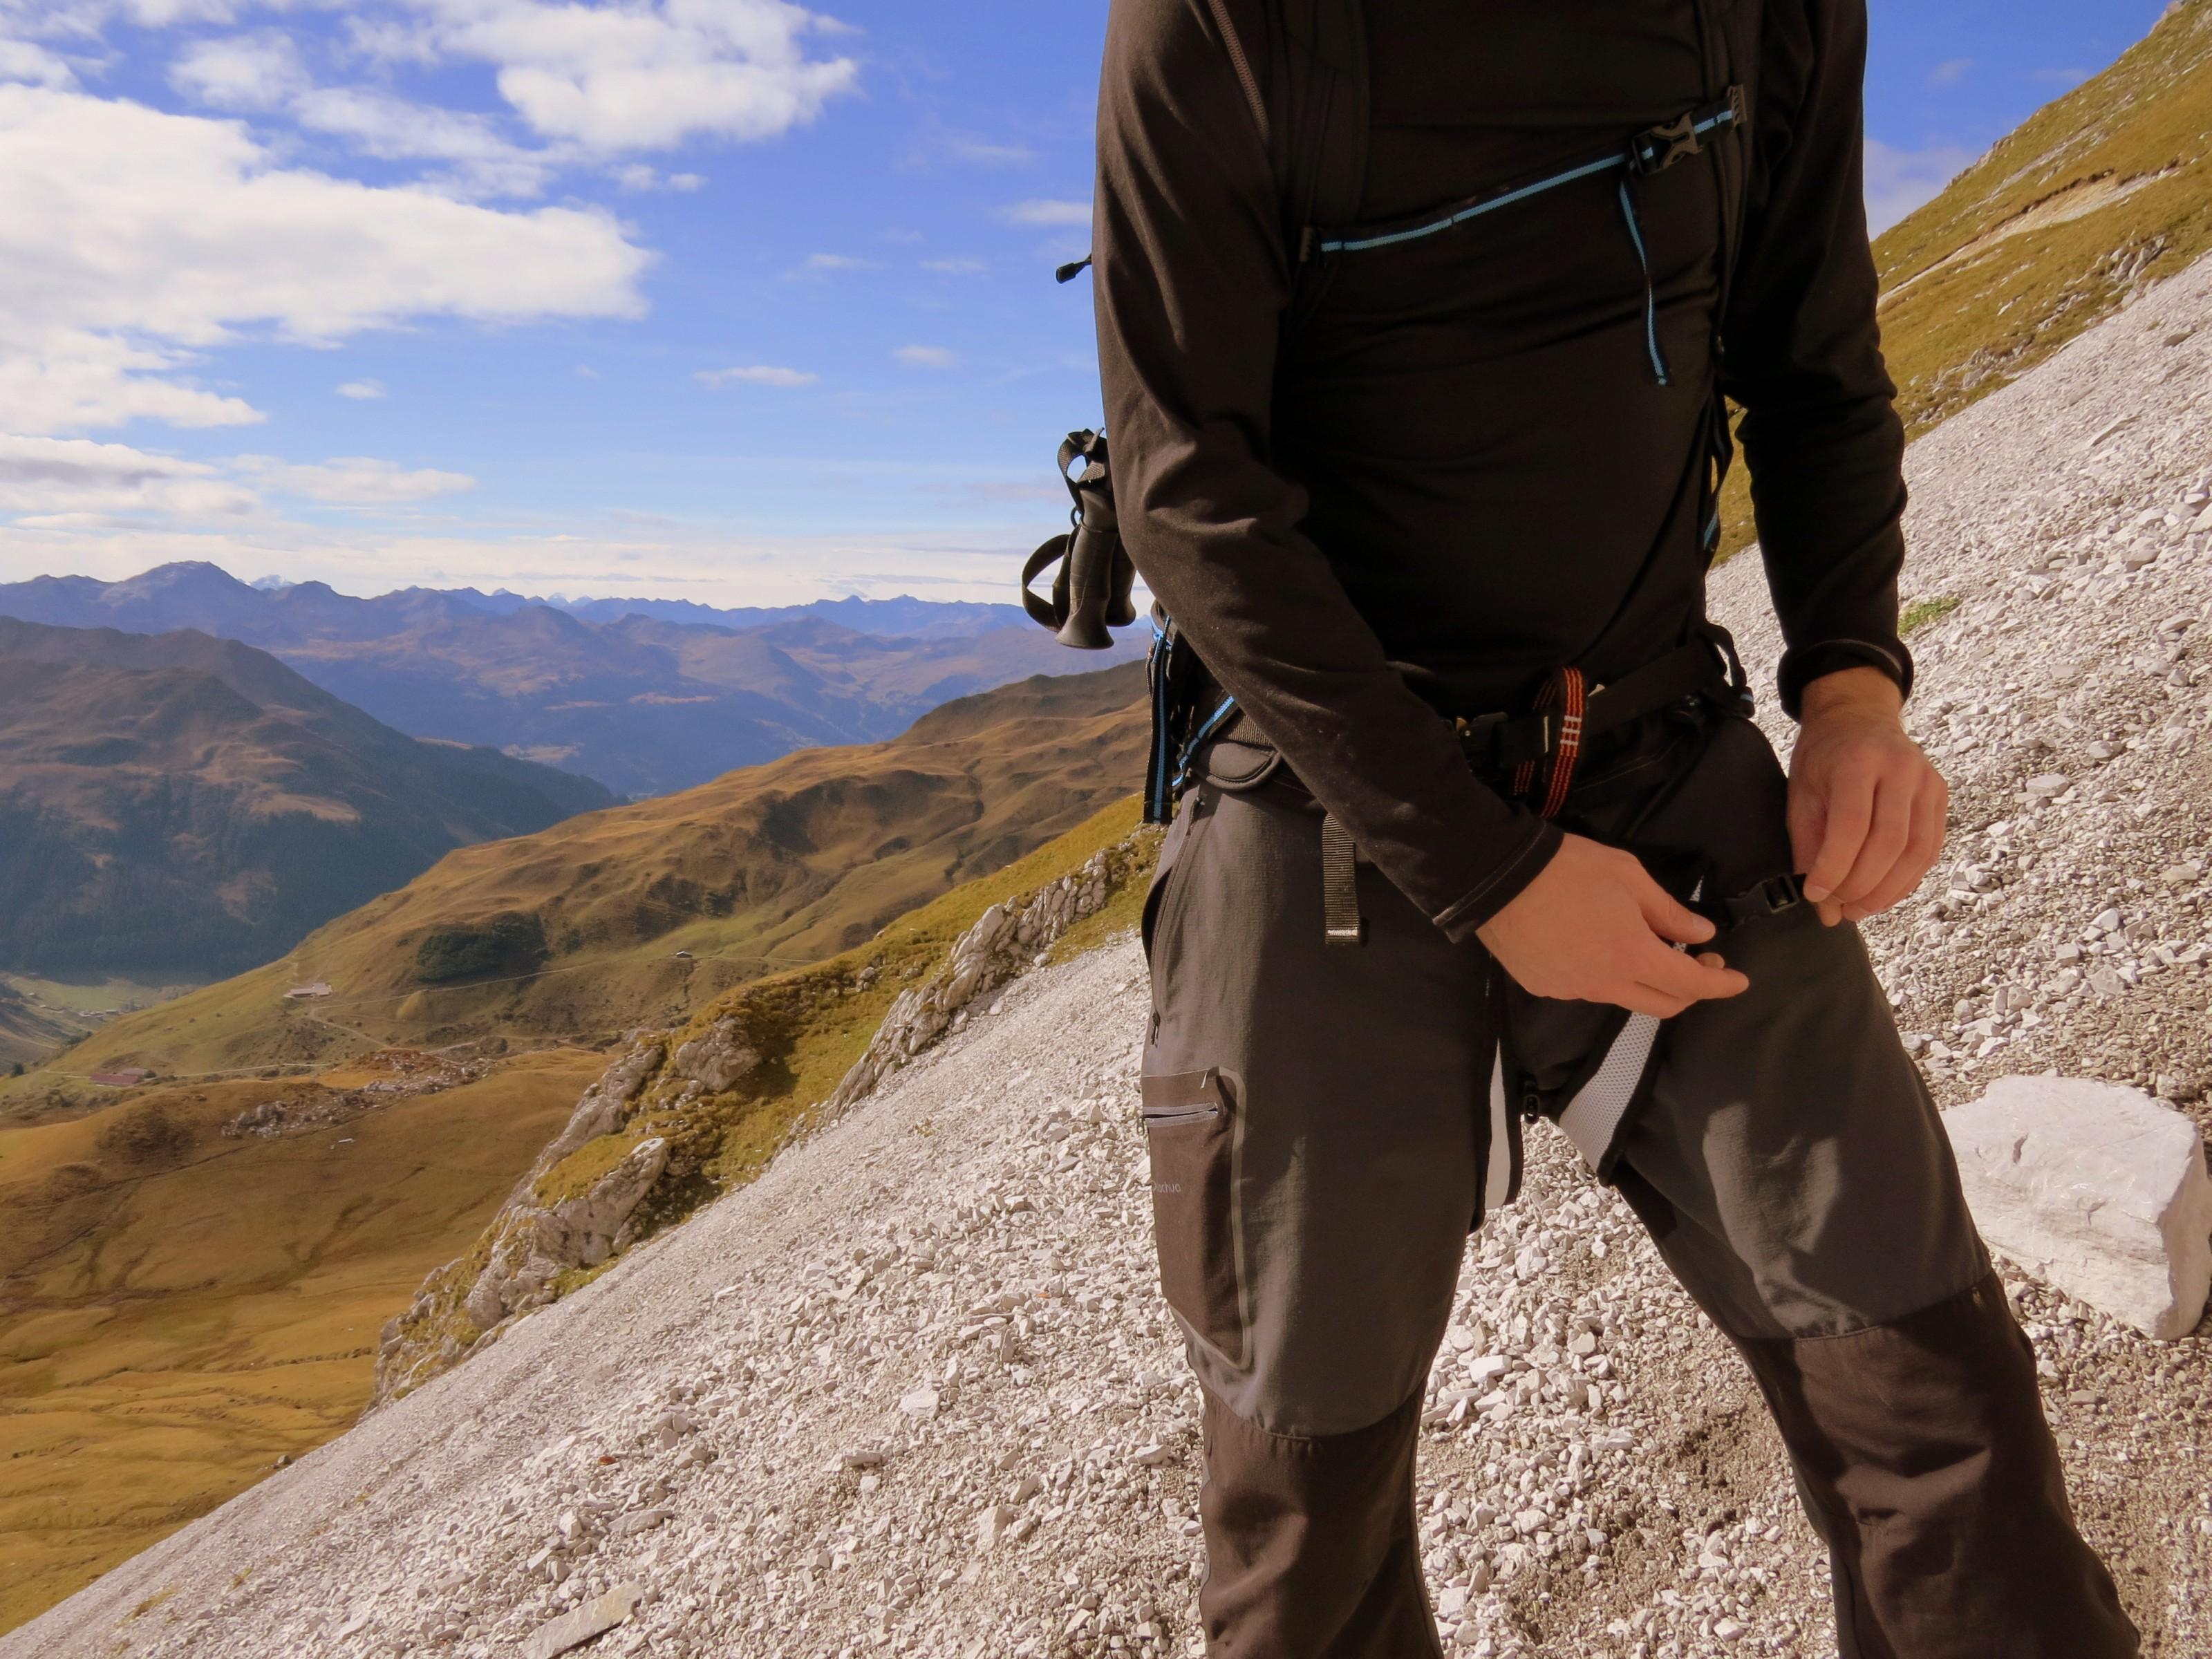 Leichtgewicht Klettergurt : Rucksack im test: der skylotec 32.0 mit integriertem klettergurt